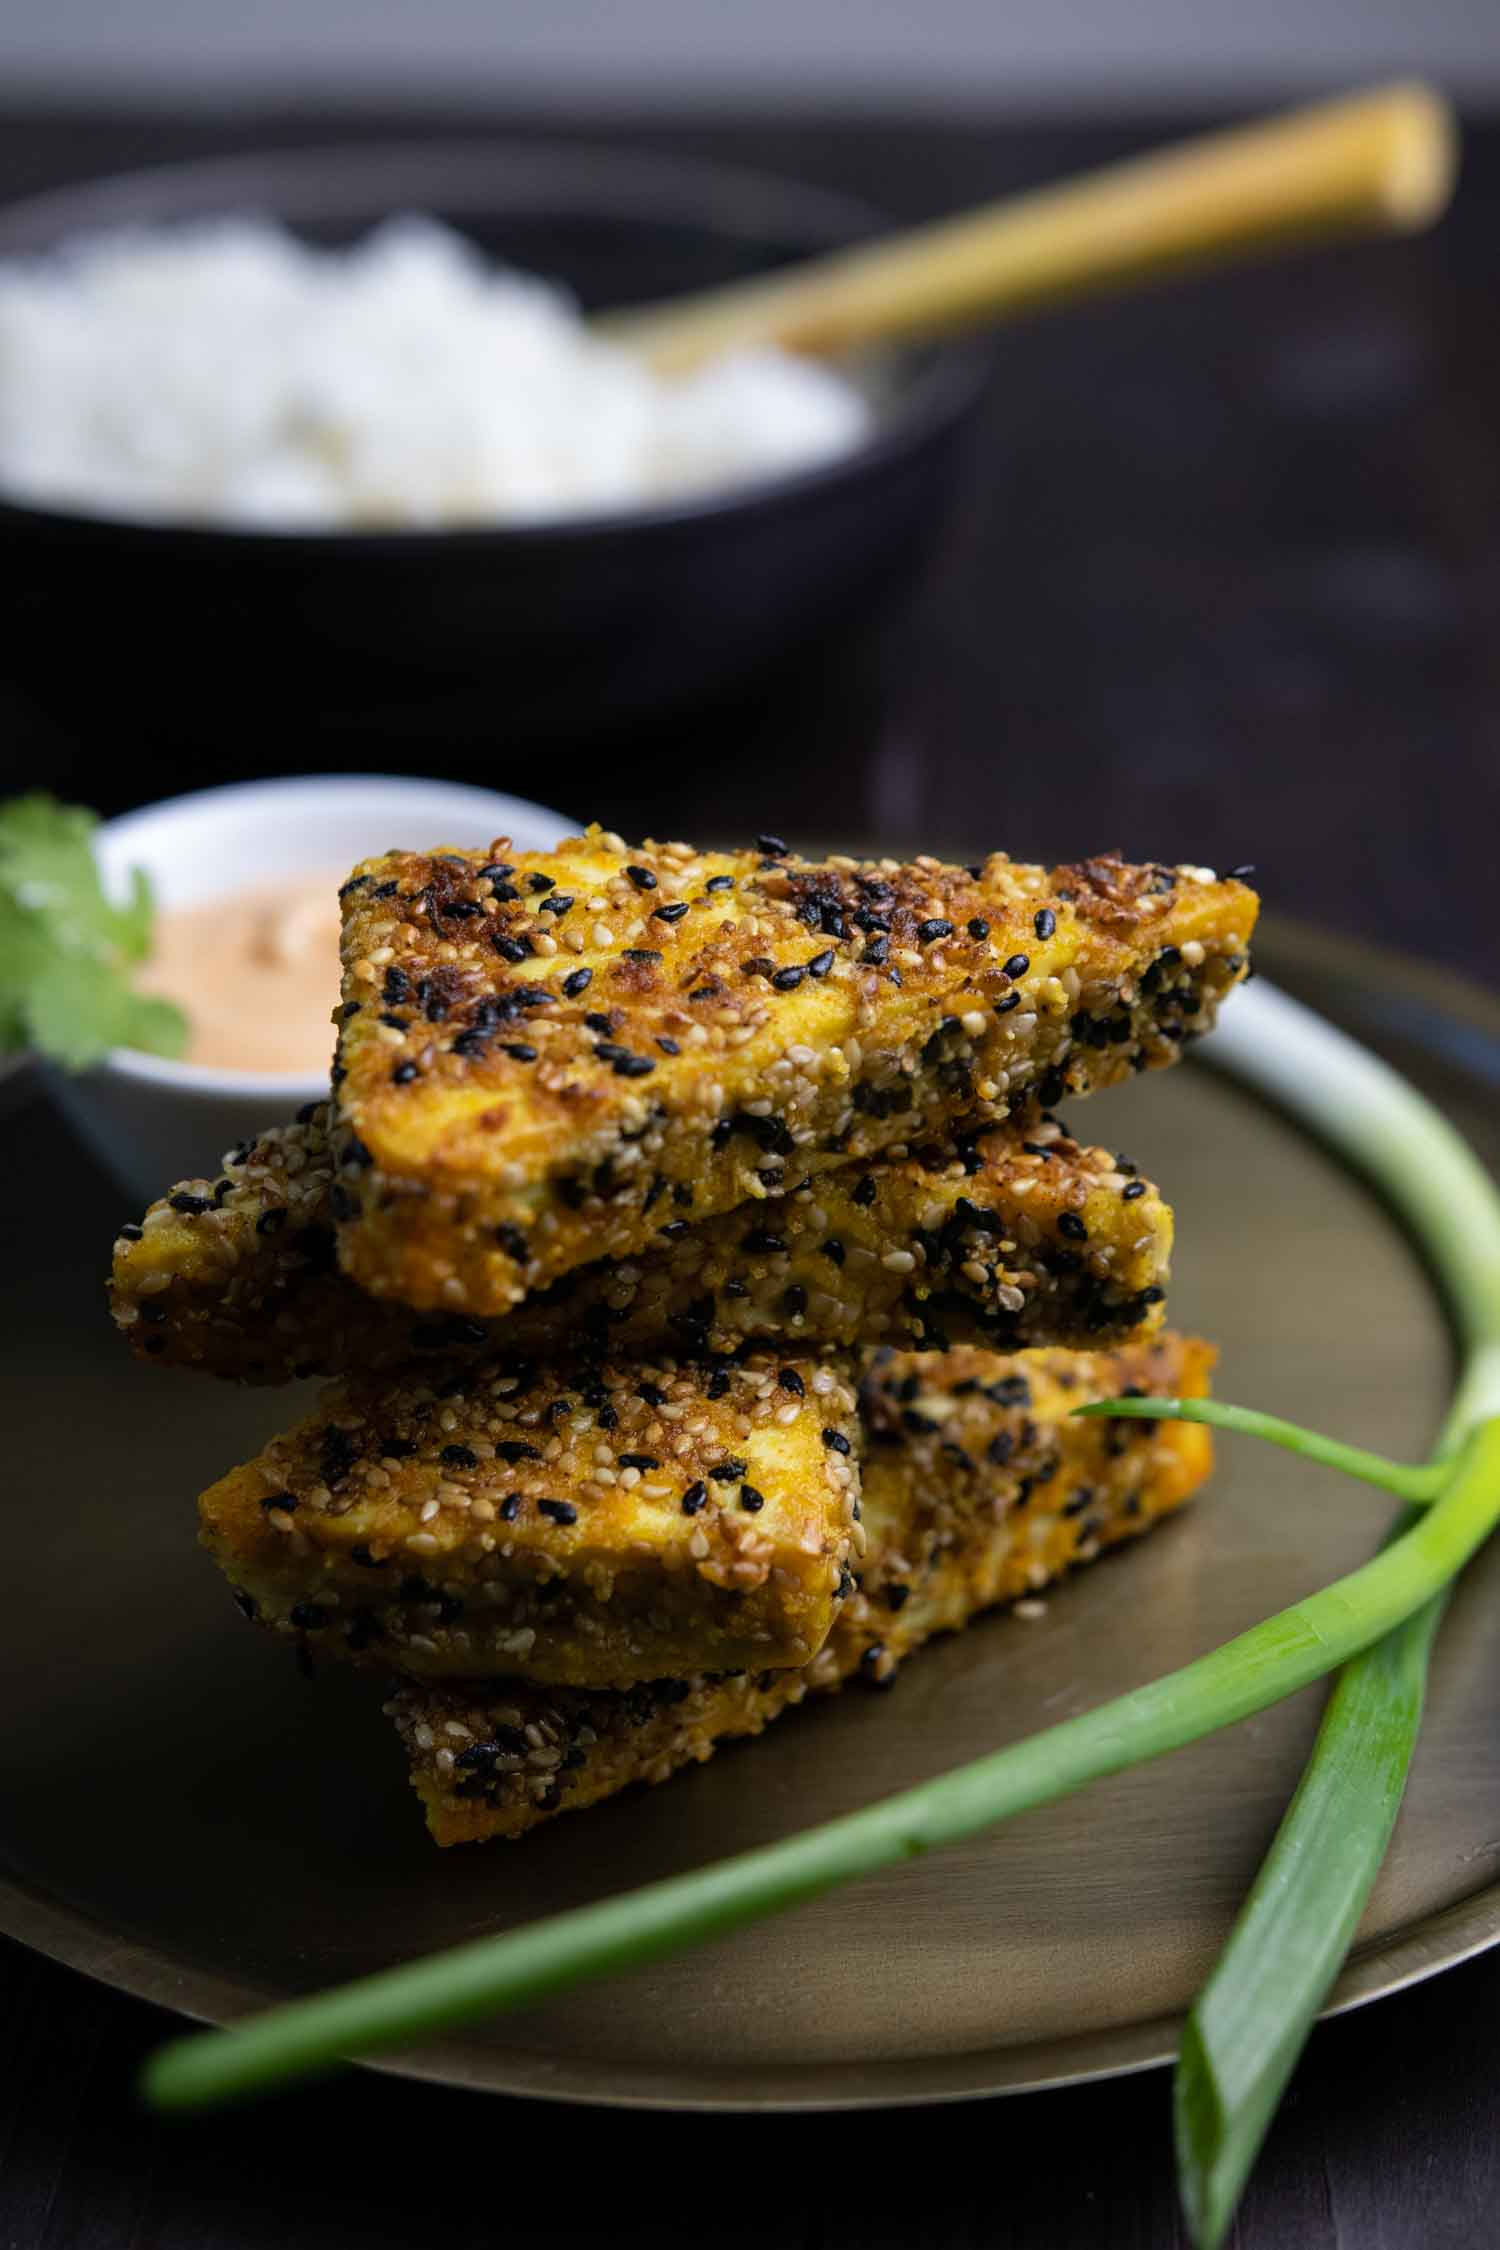 Mit Sesam panierter Tofu